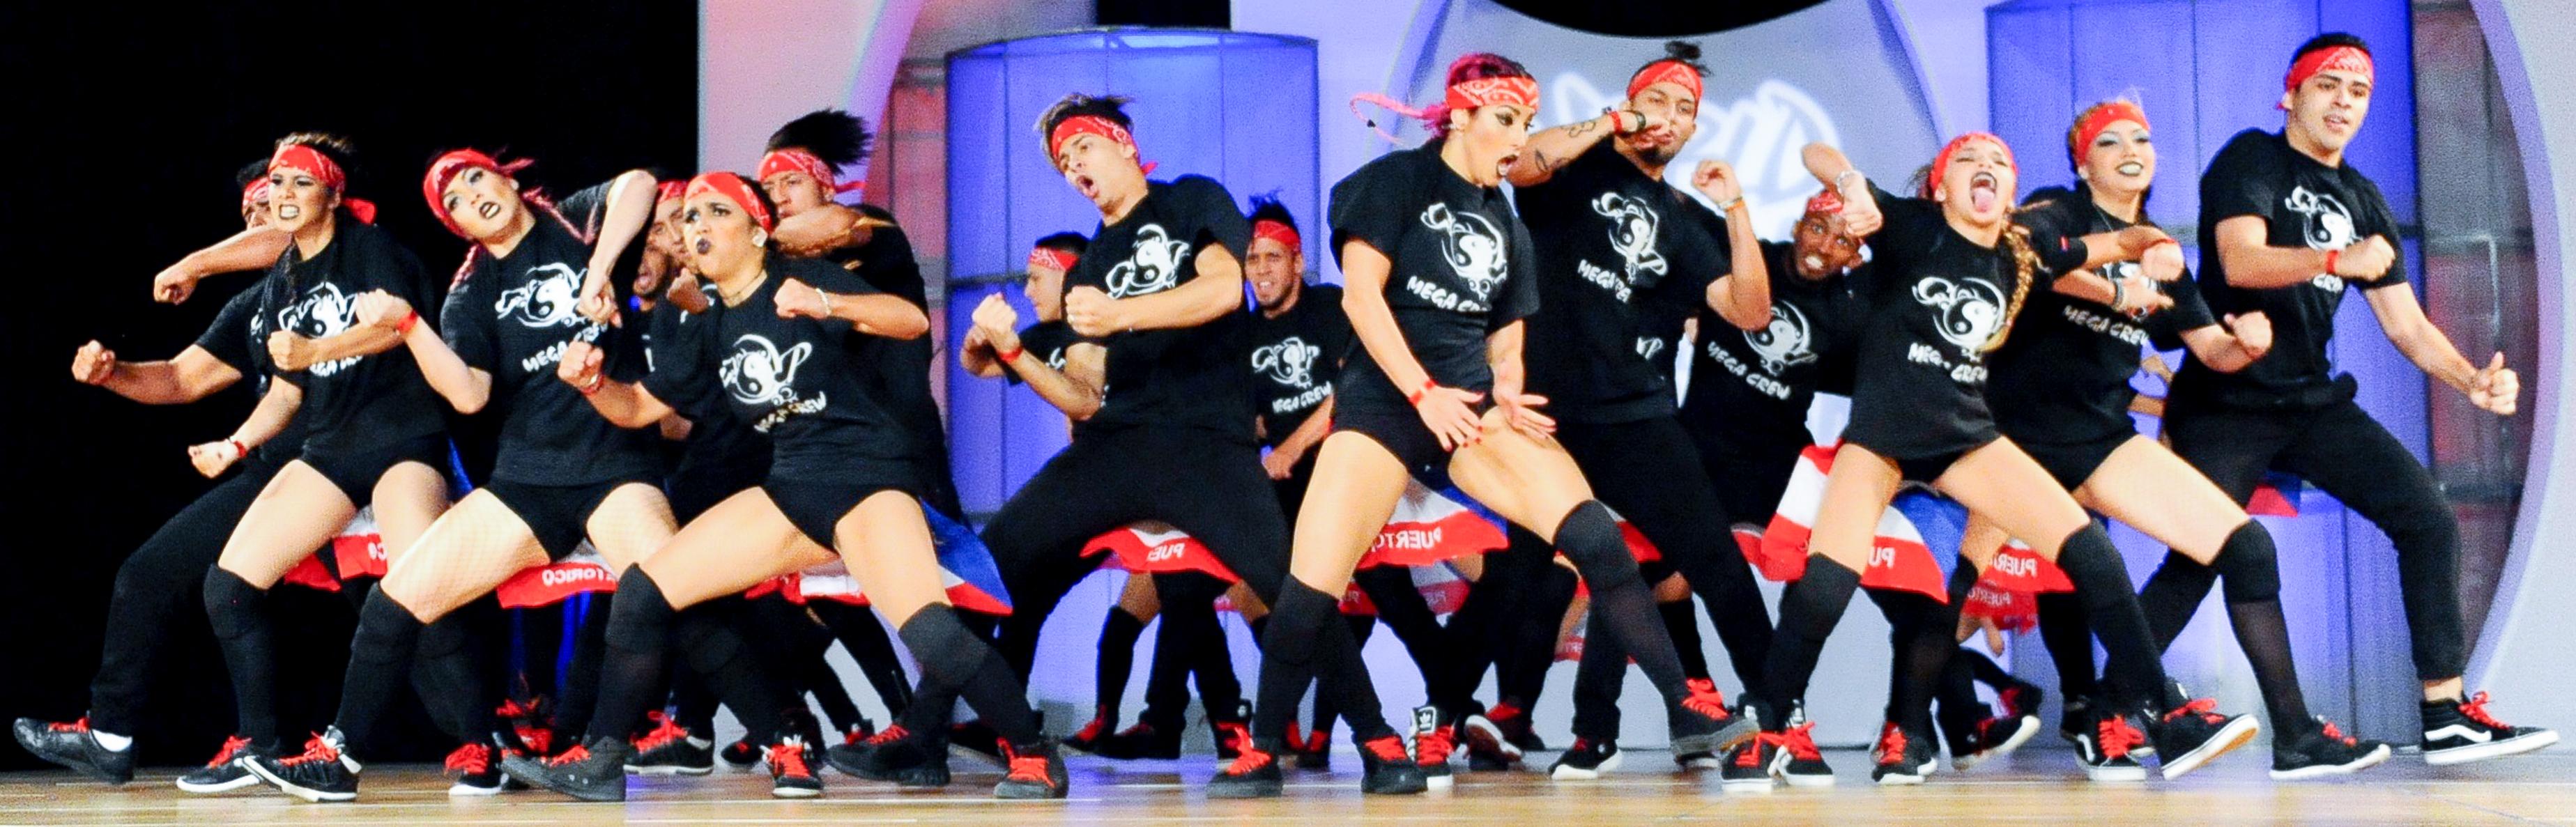 Puerto Rico - GOP Dance Crew - MegaCrew